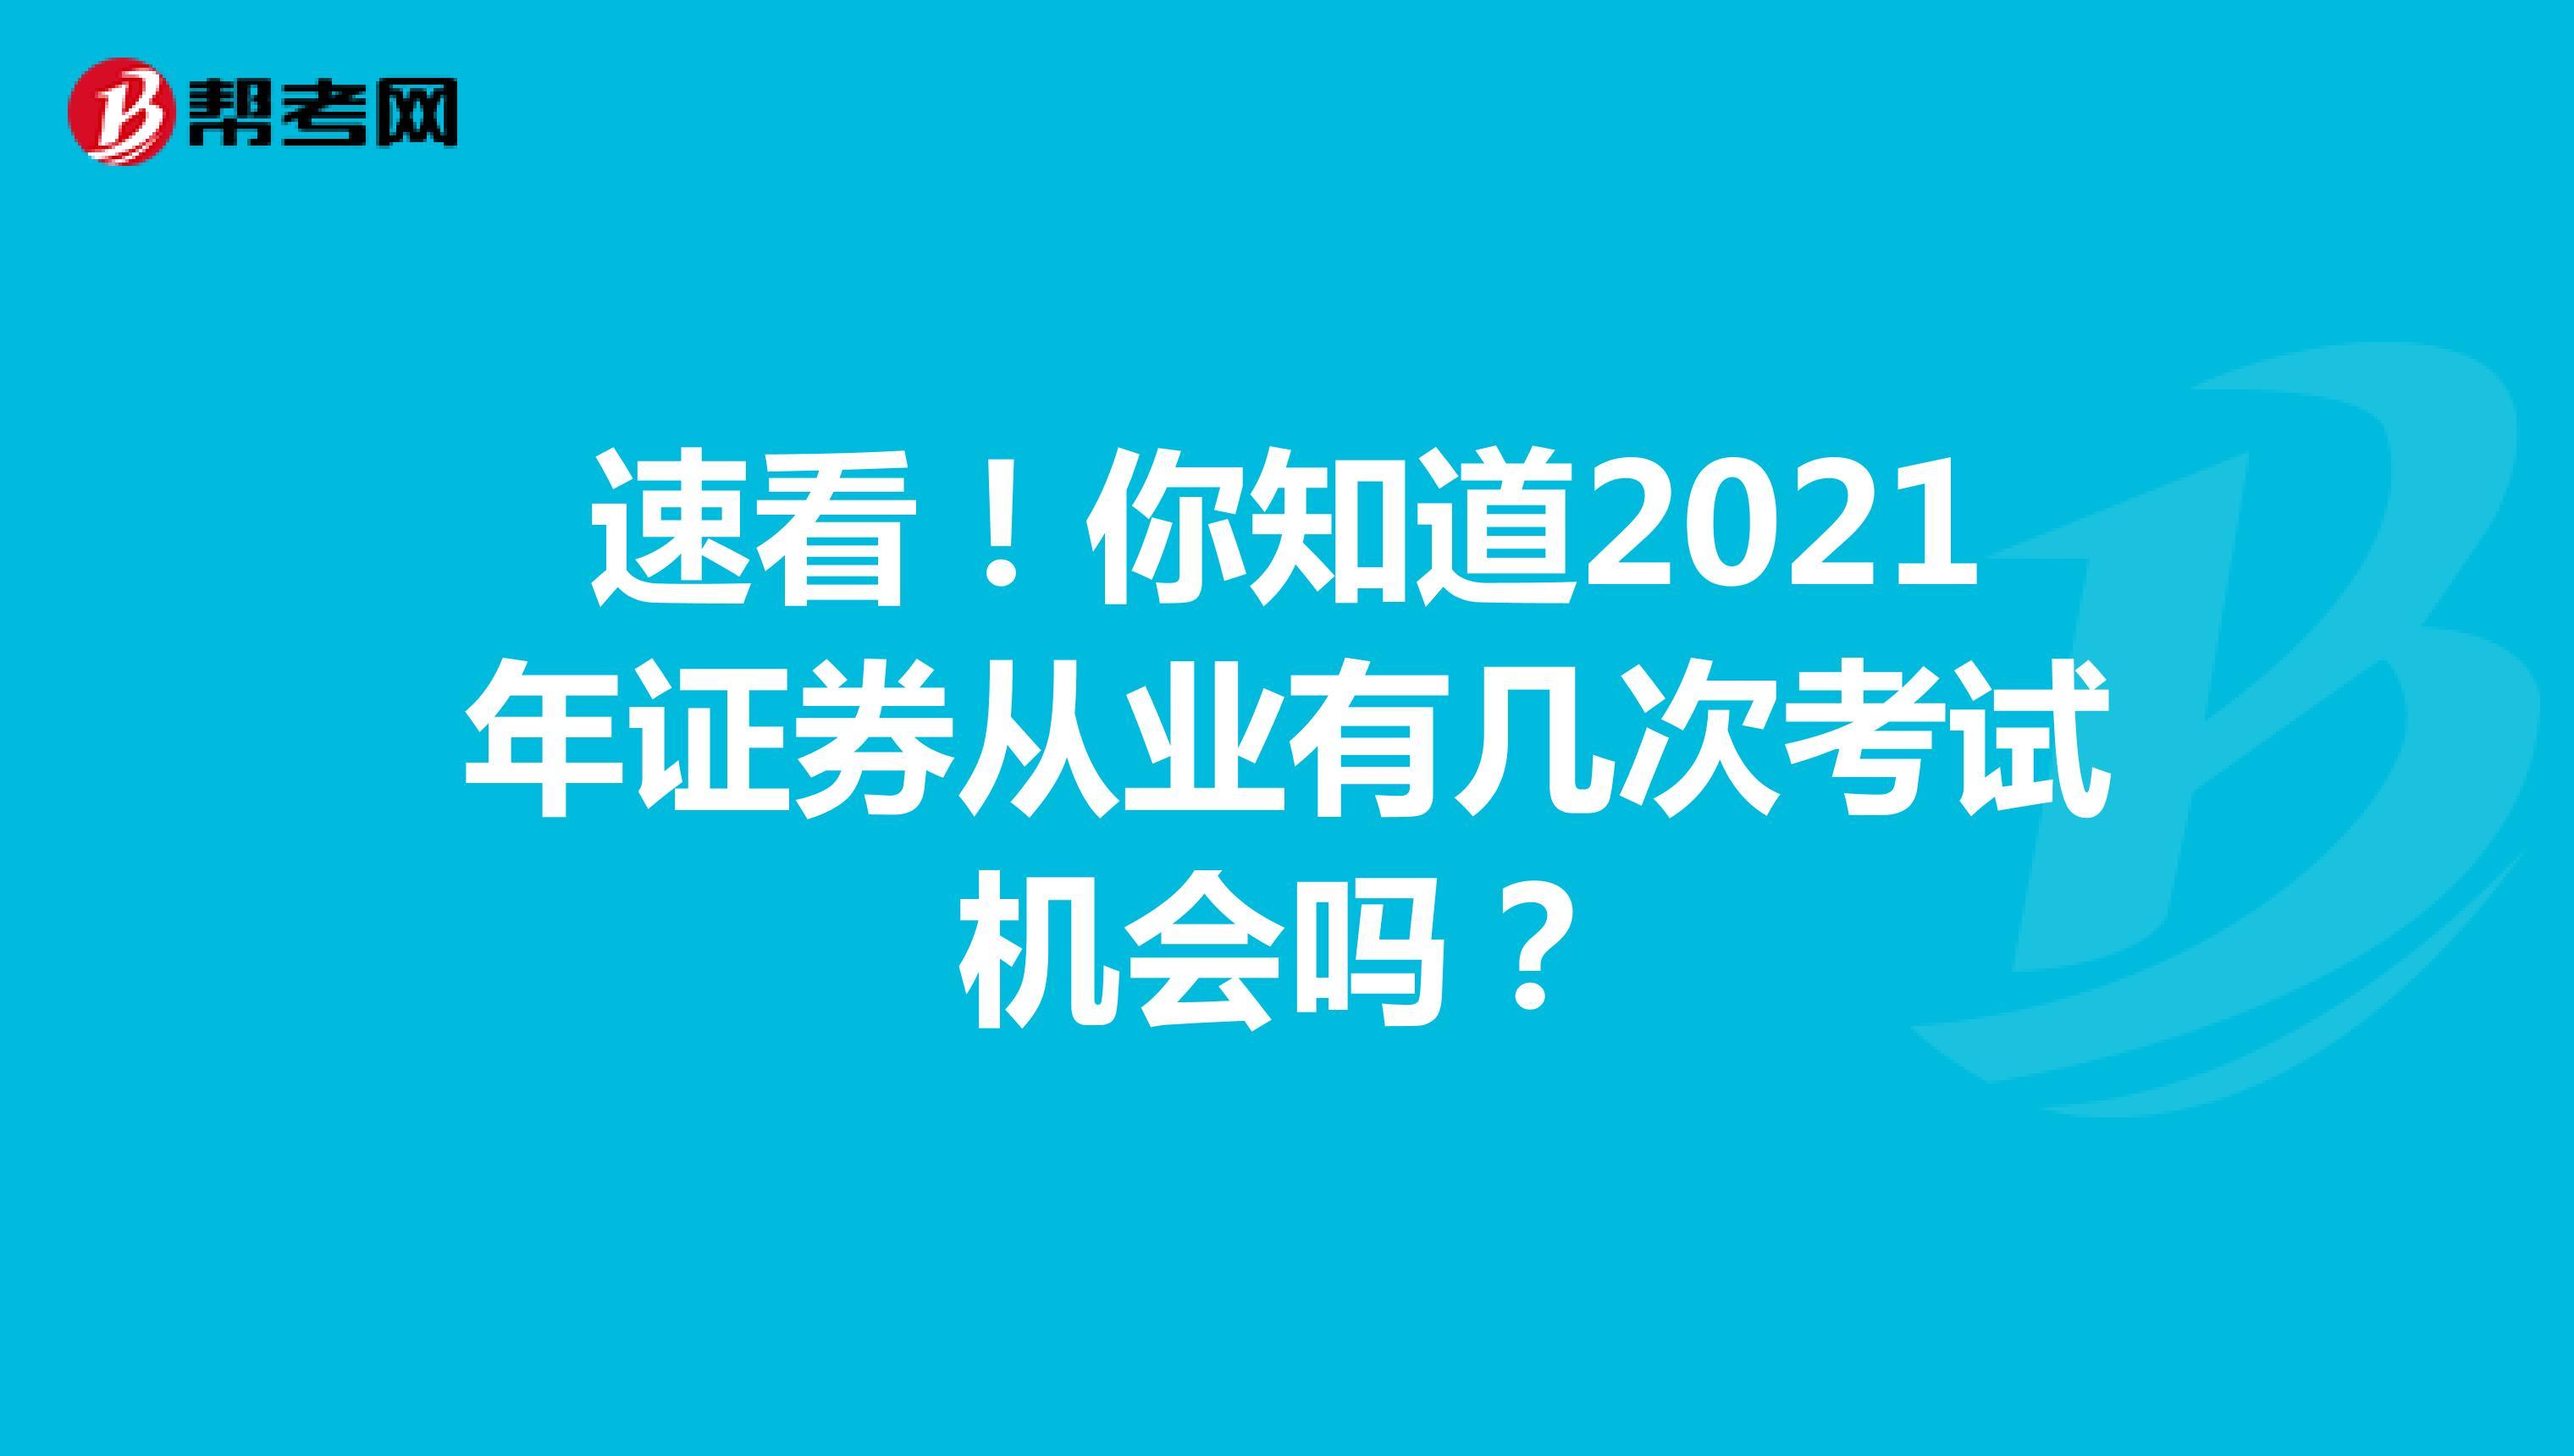 速看!你知道2021年证券从业有几次考试机会吗?